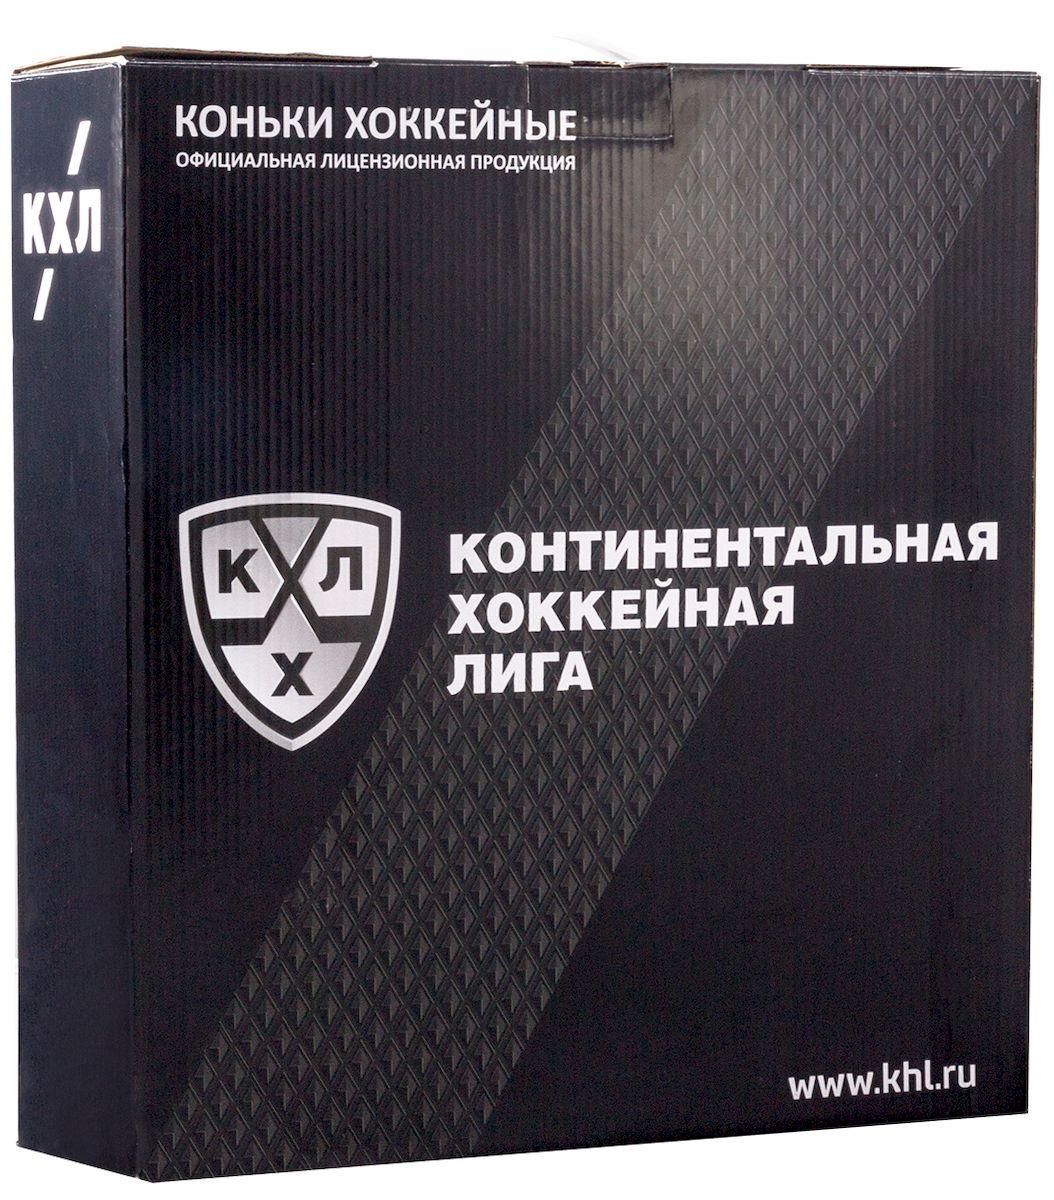 Коньки хоккейные КХЛ Legend, цвет: черный, серый, белый. УТ-00009137. Размер 38